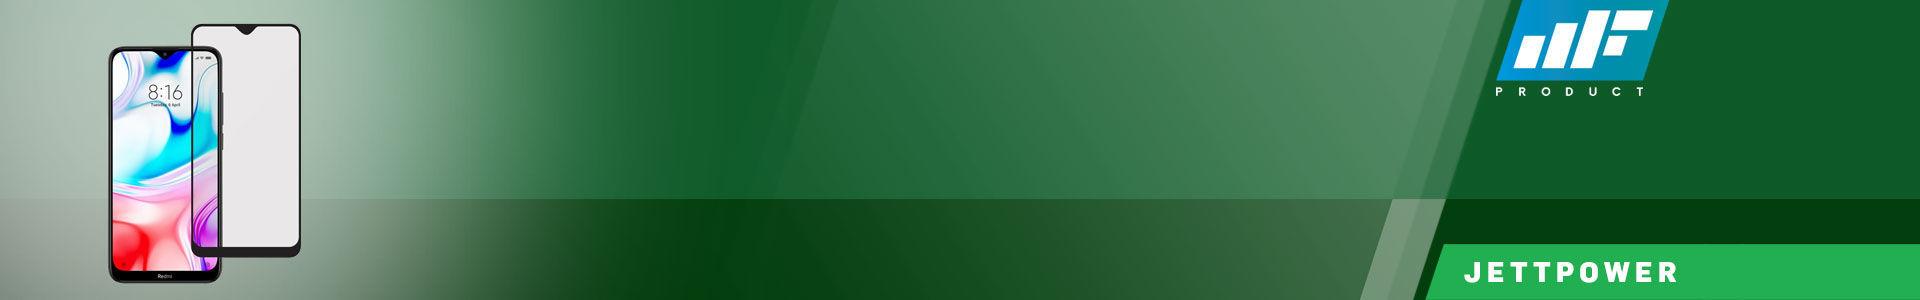 MF Product Jettpower 0442 Renkli Ekran Koruyucu Cam Xiaomi Redmi 8 için en doğru adrestesin!